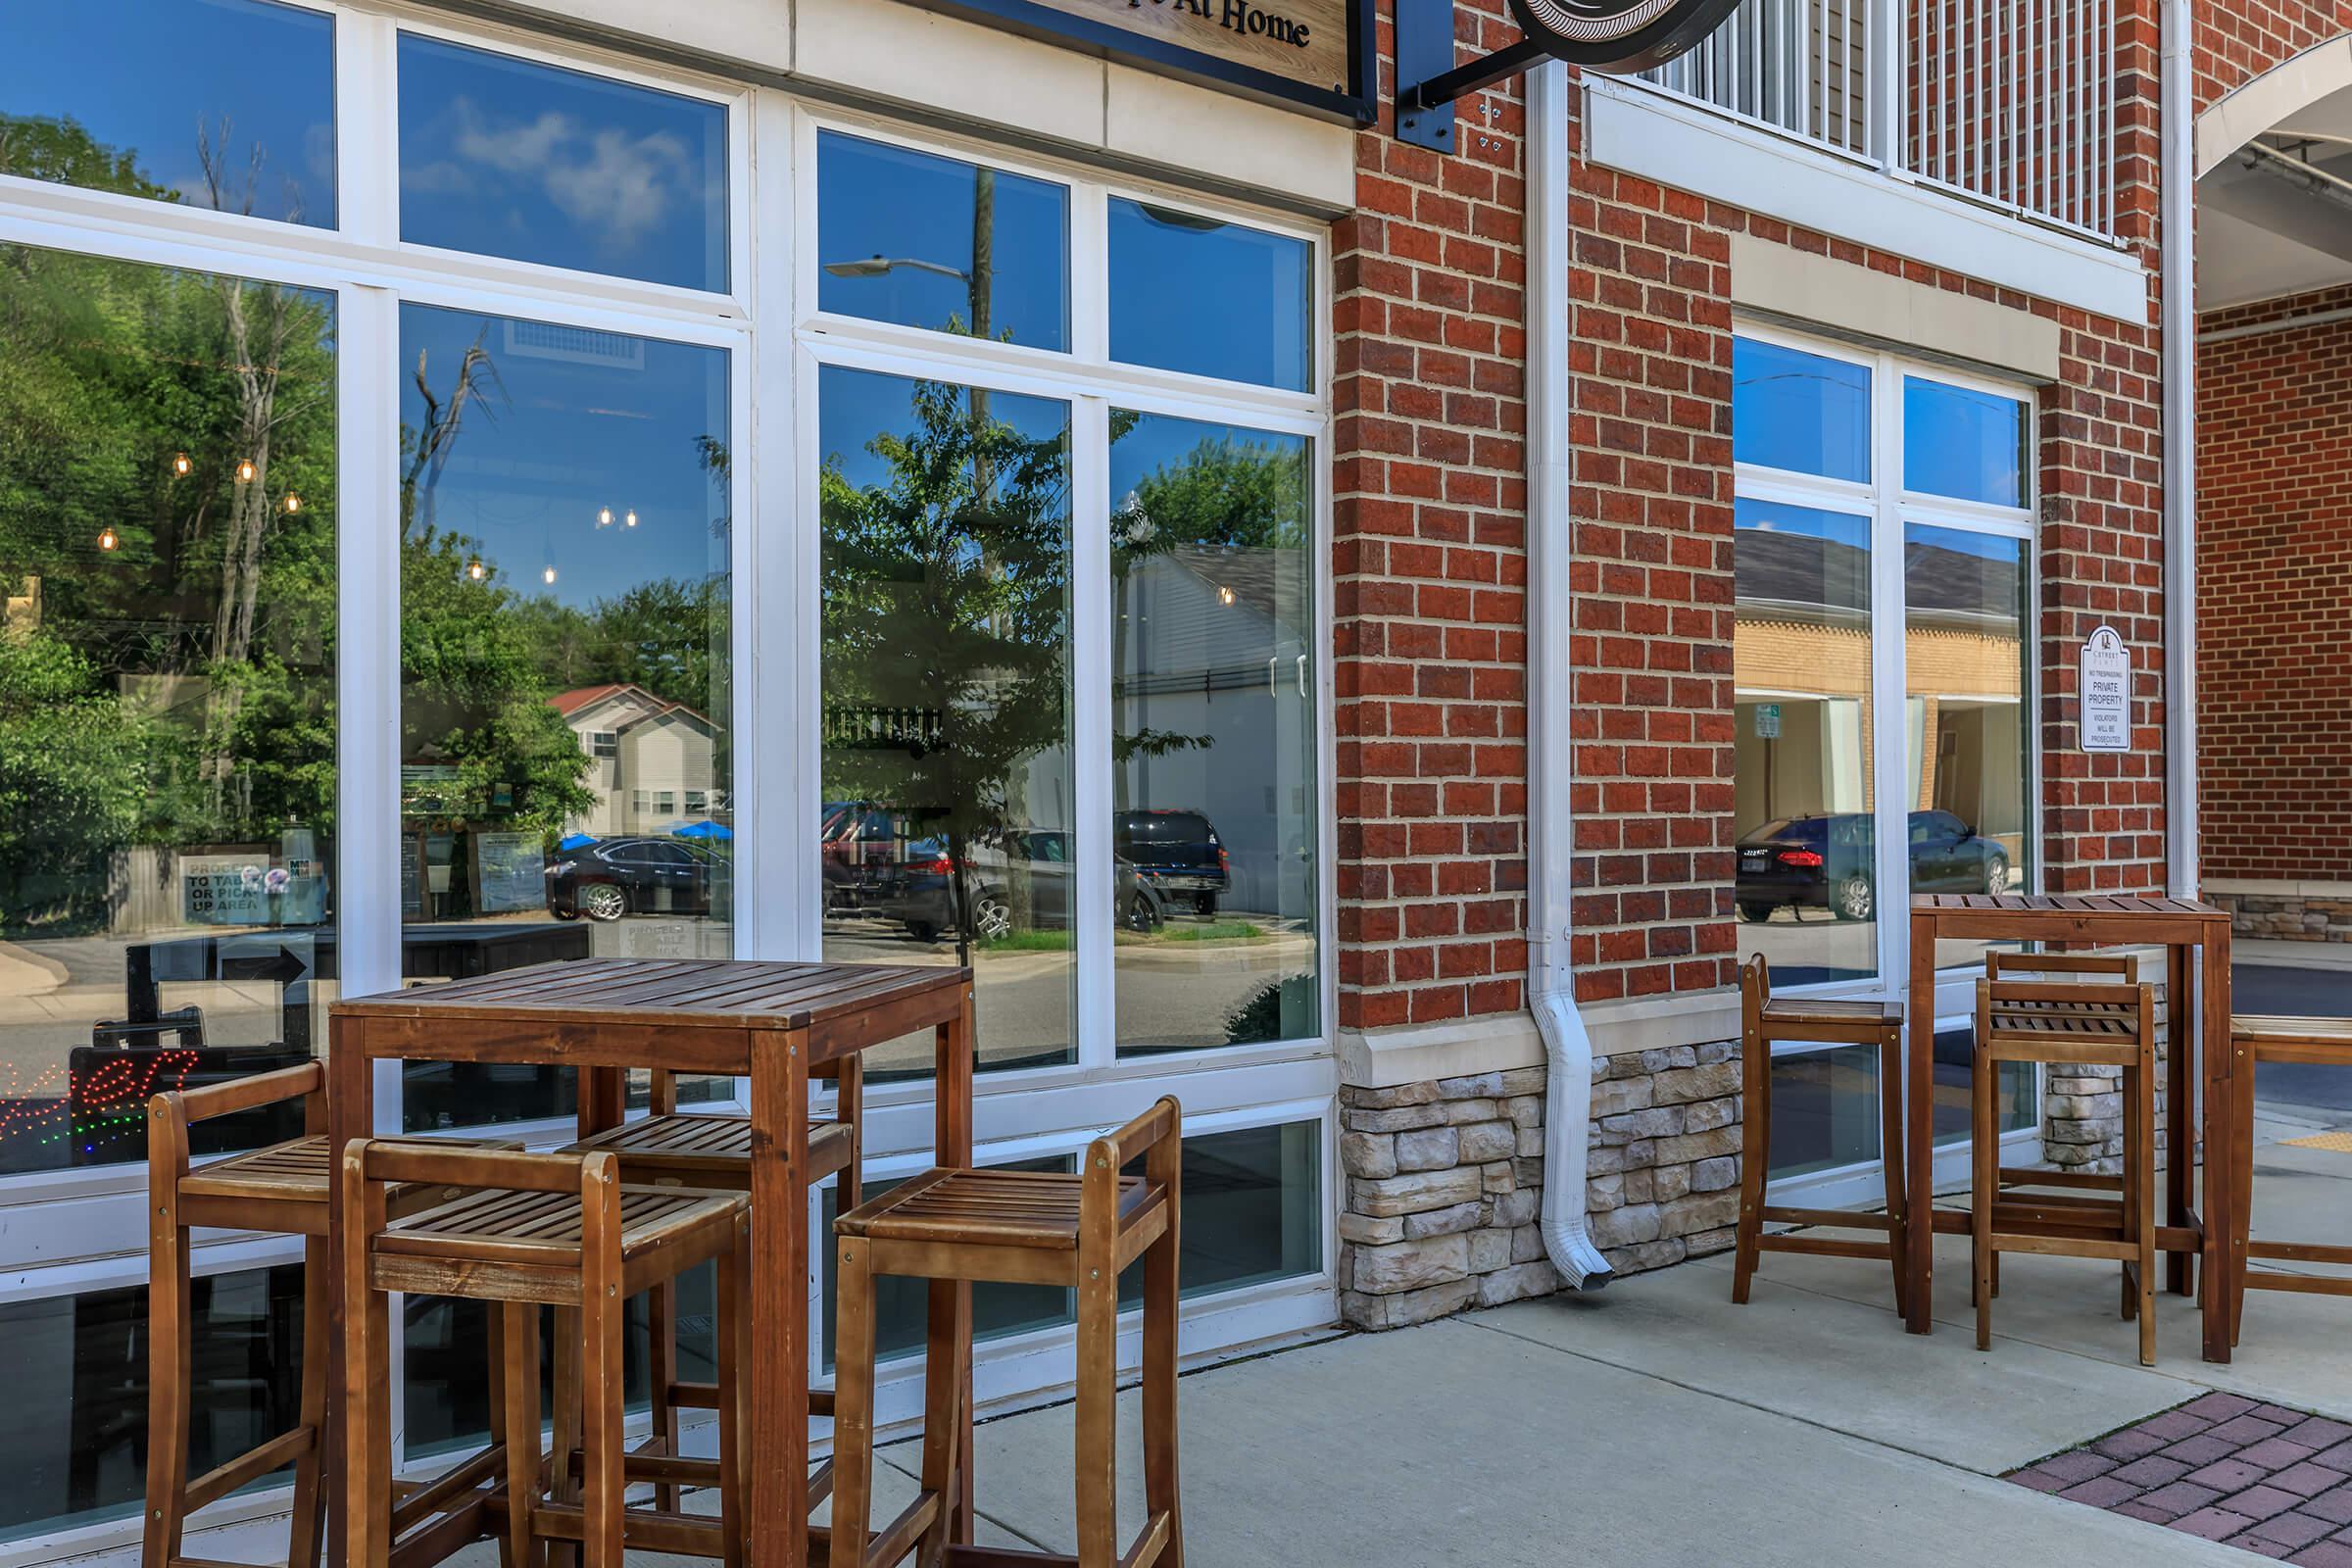 Cafe at C Street Flatsin Laurel MD